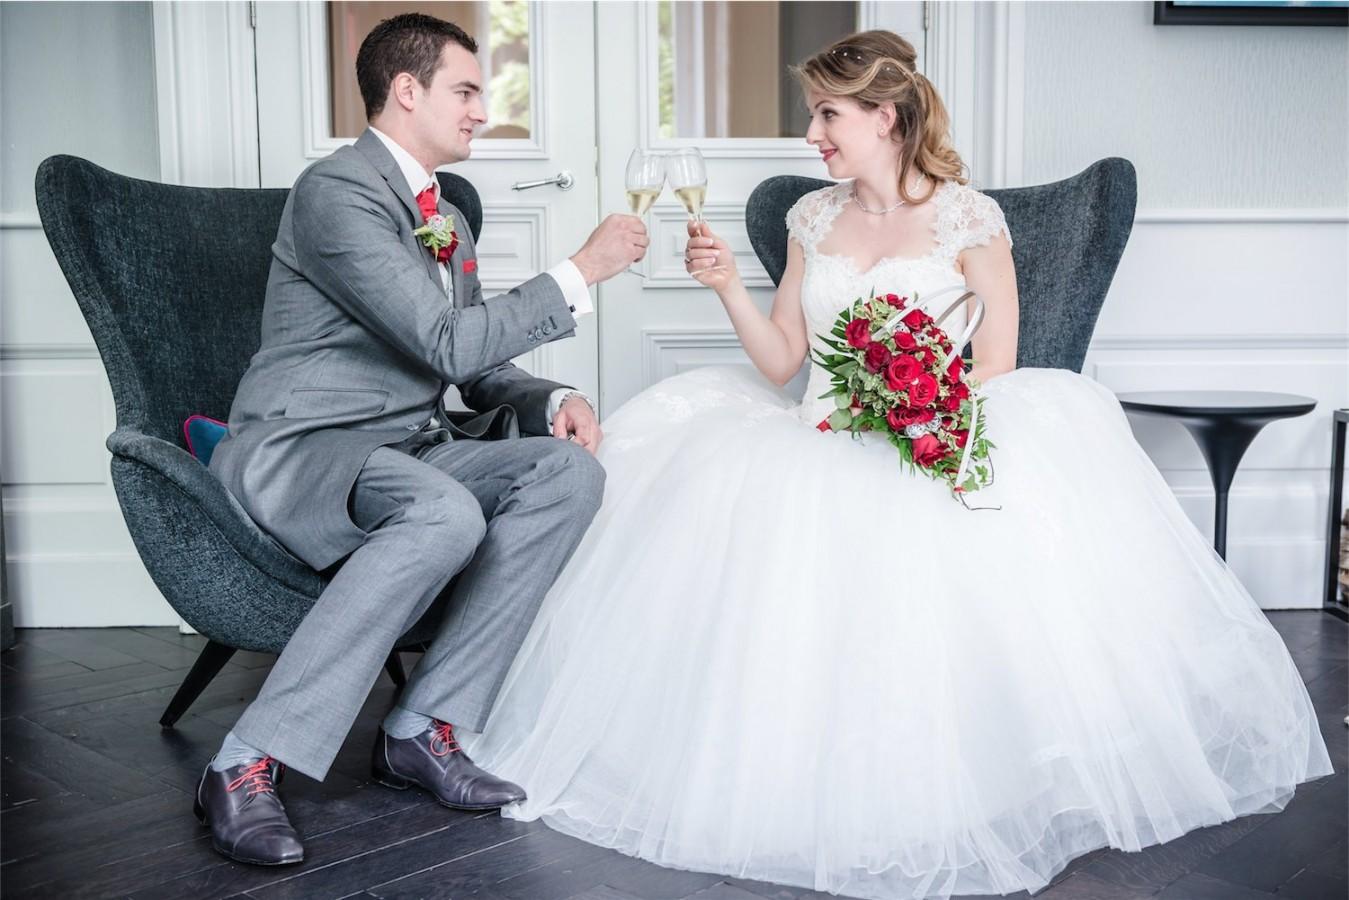 photos de couple des mariés Photographe mariage grenoble Isere Marie-Cat